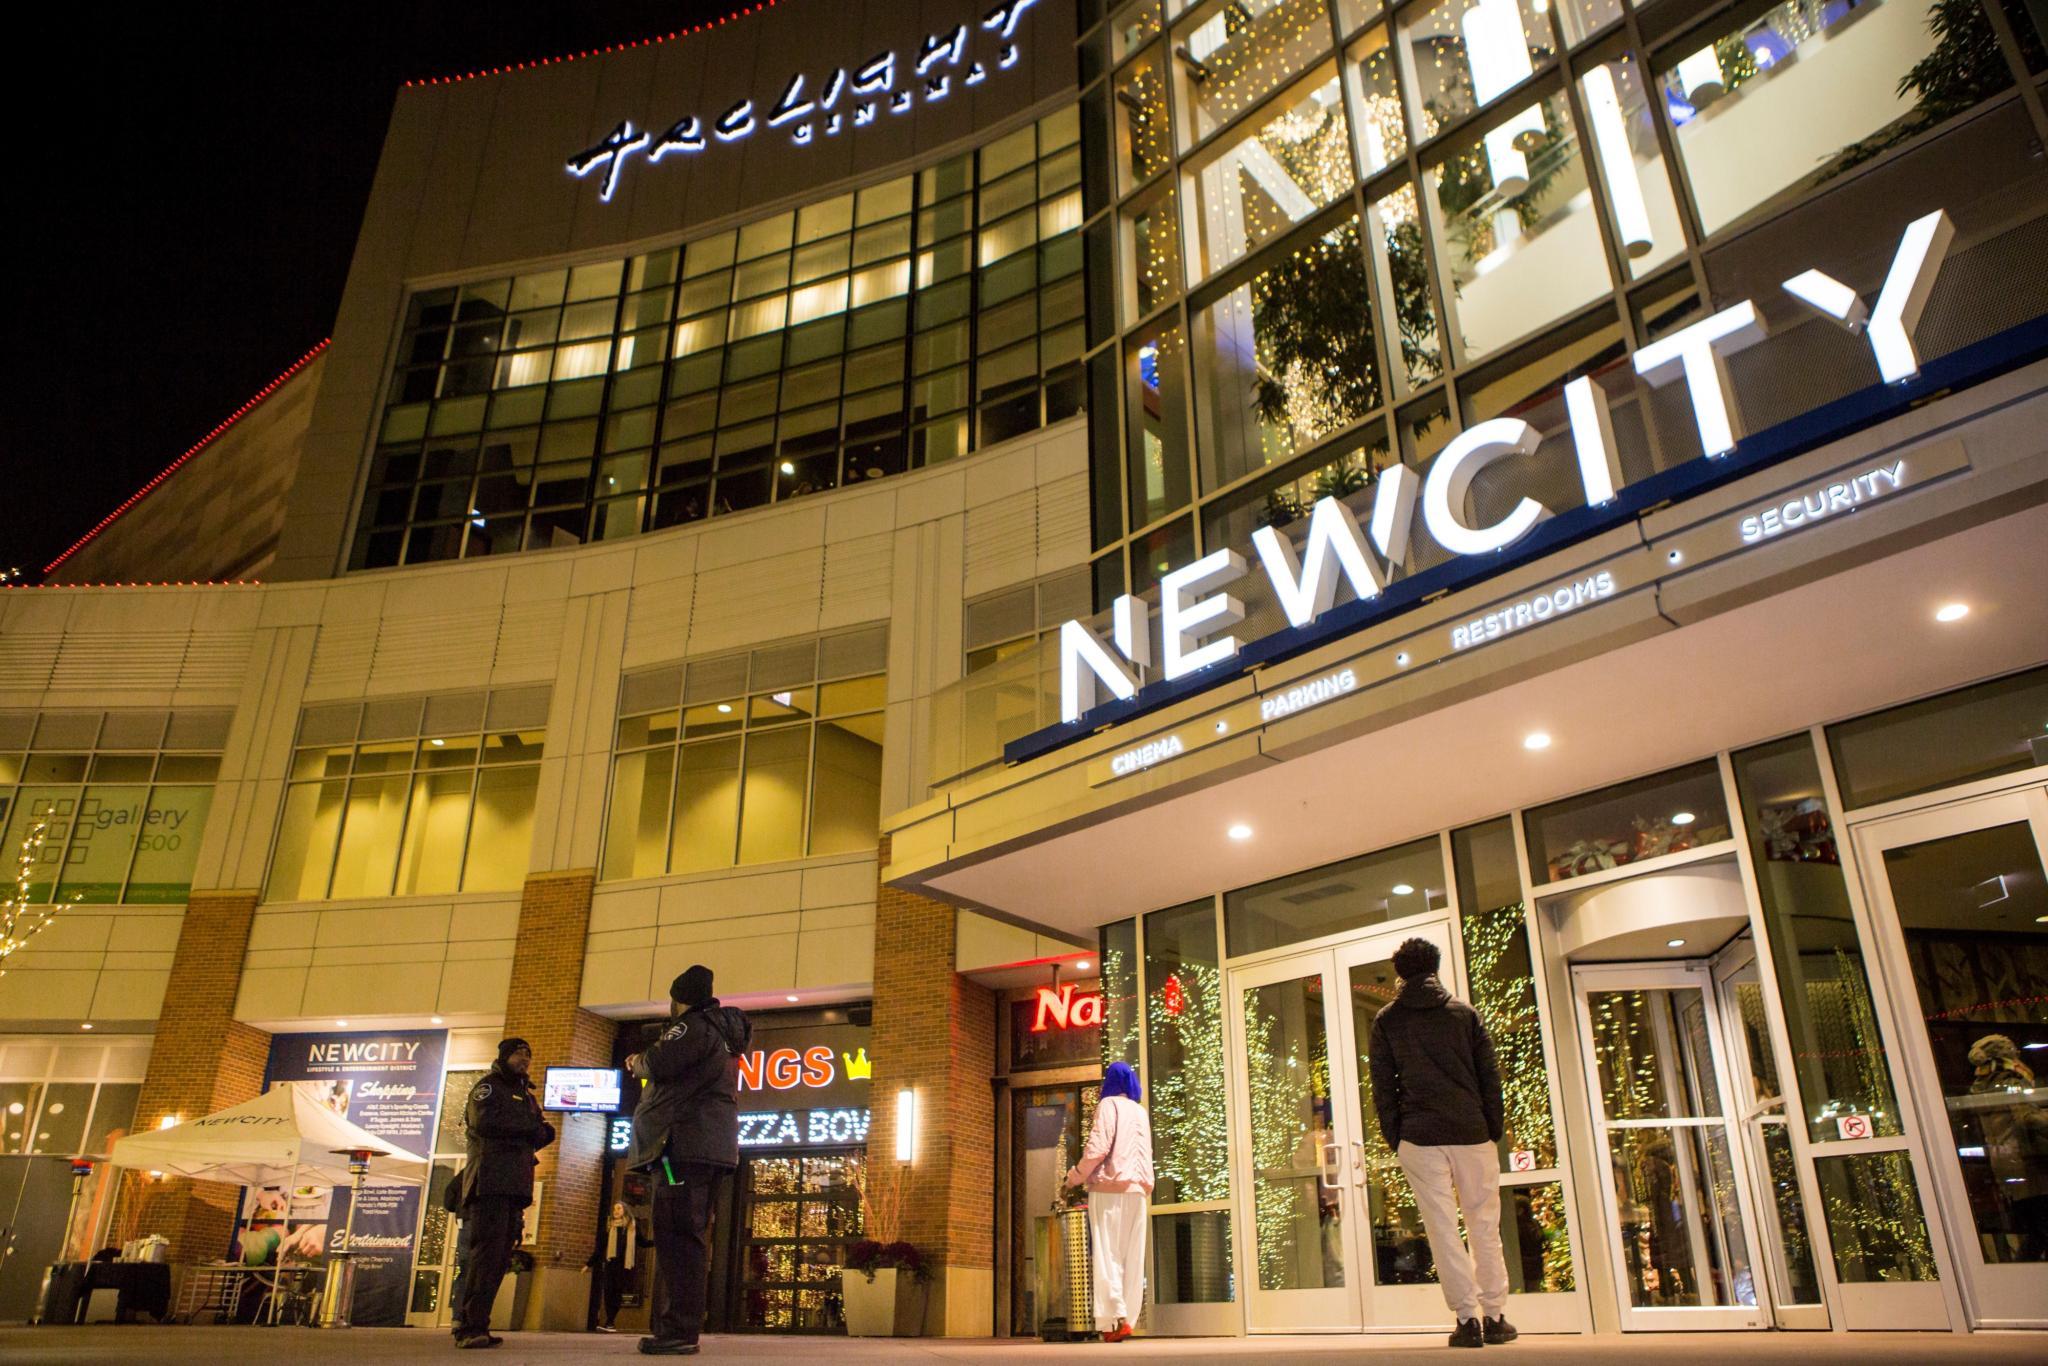 Newcity Mall